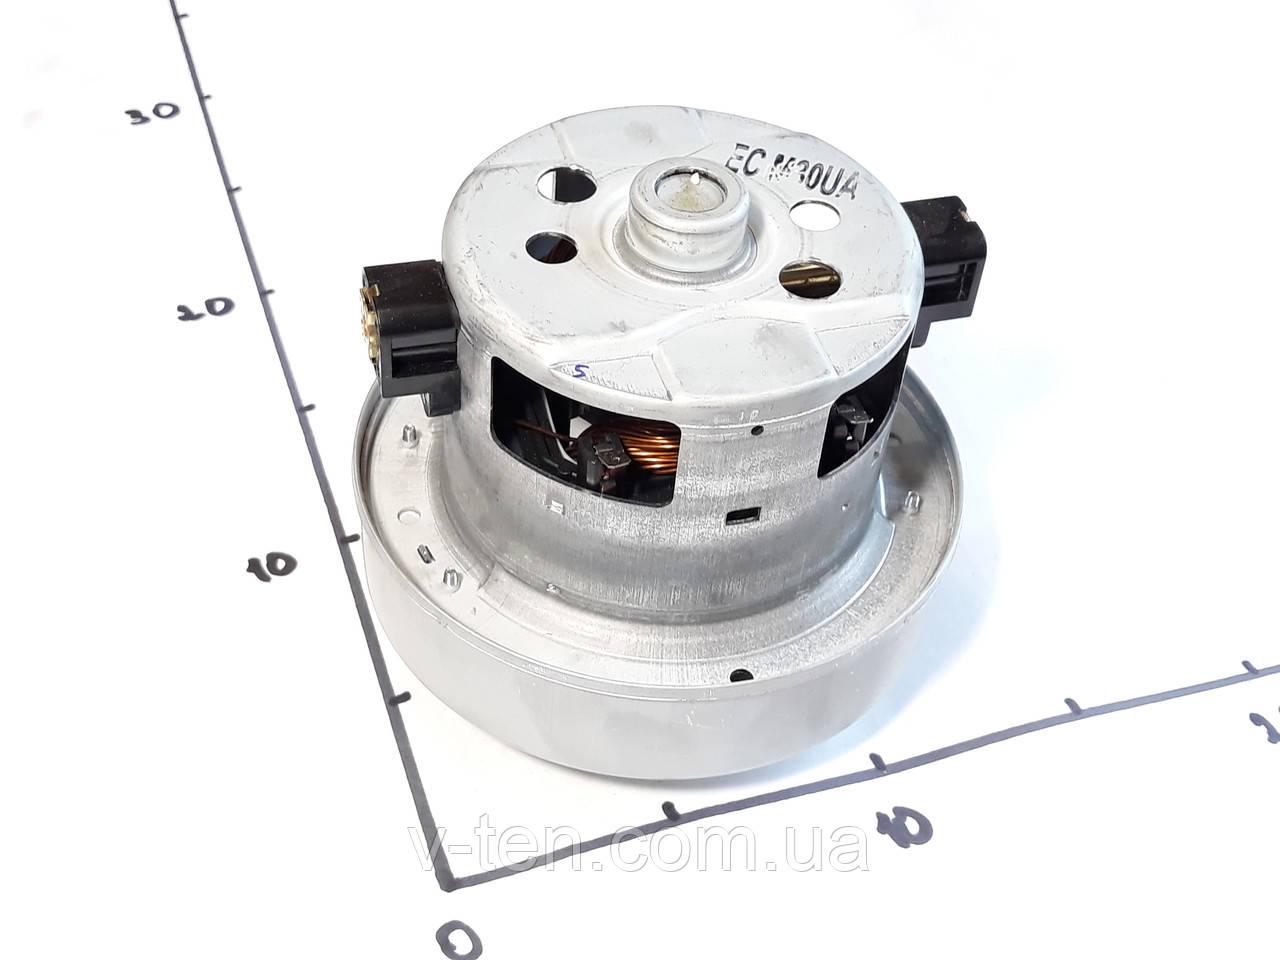 Електродвигун для пилососа 2100W (М30)